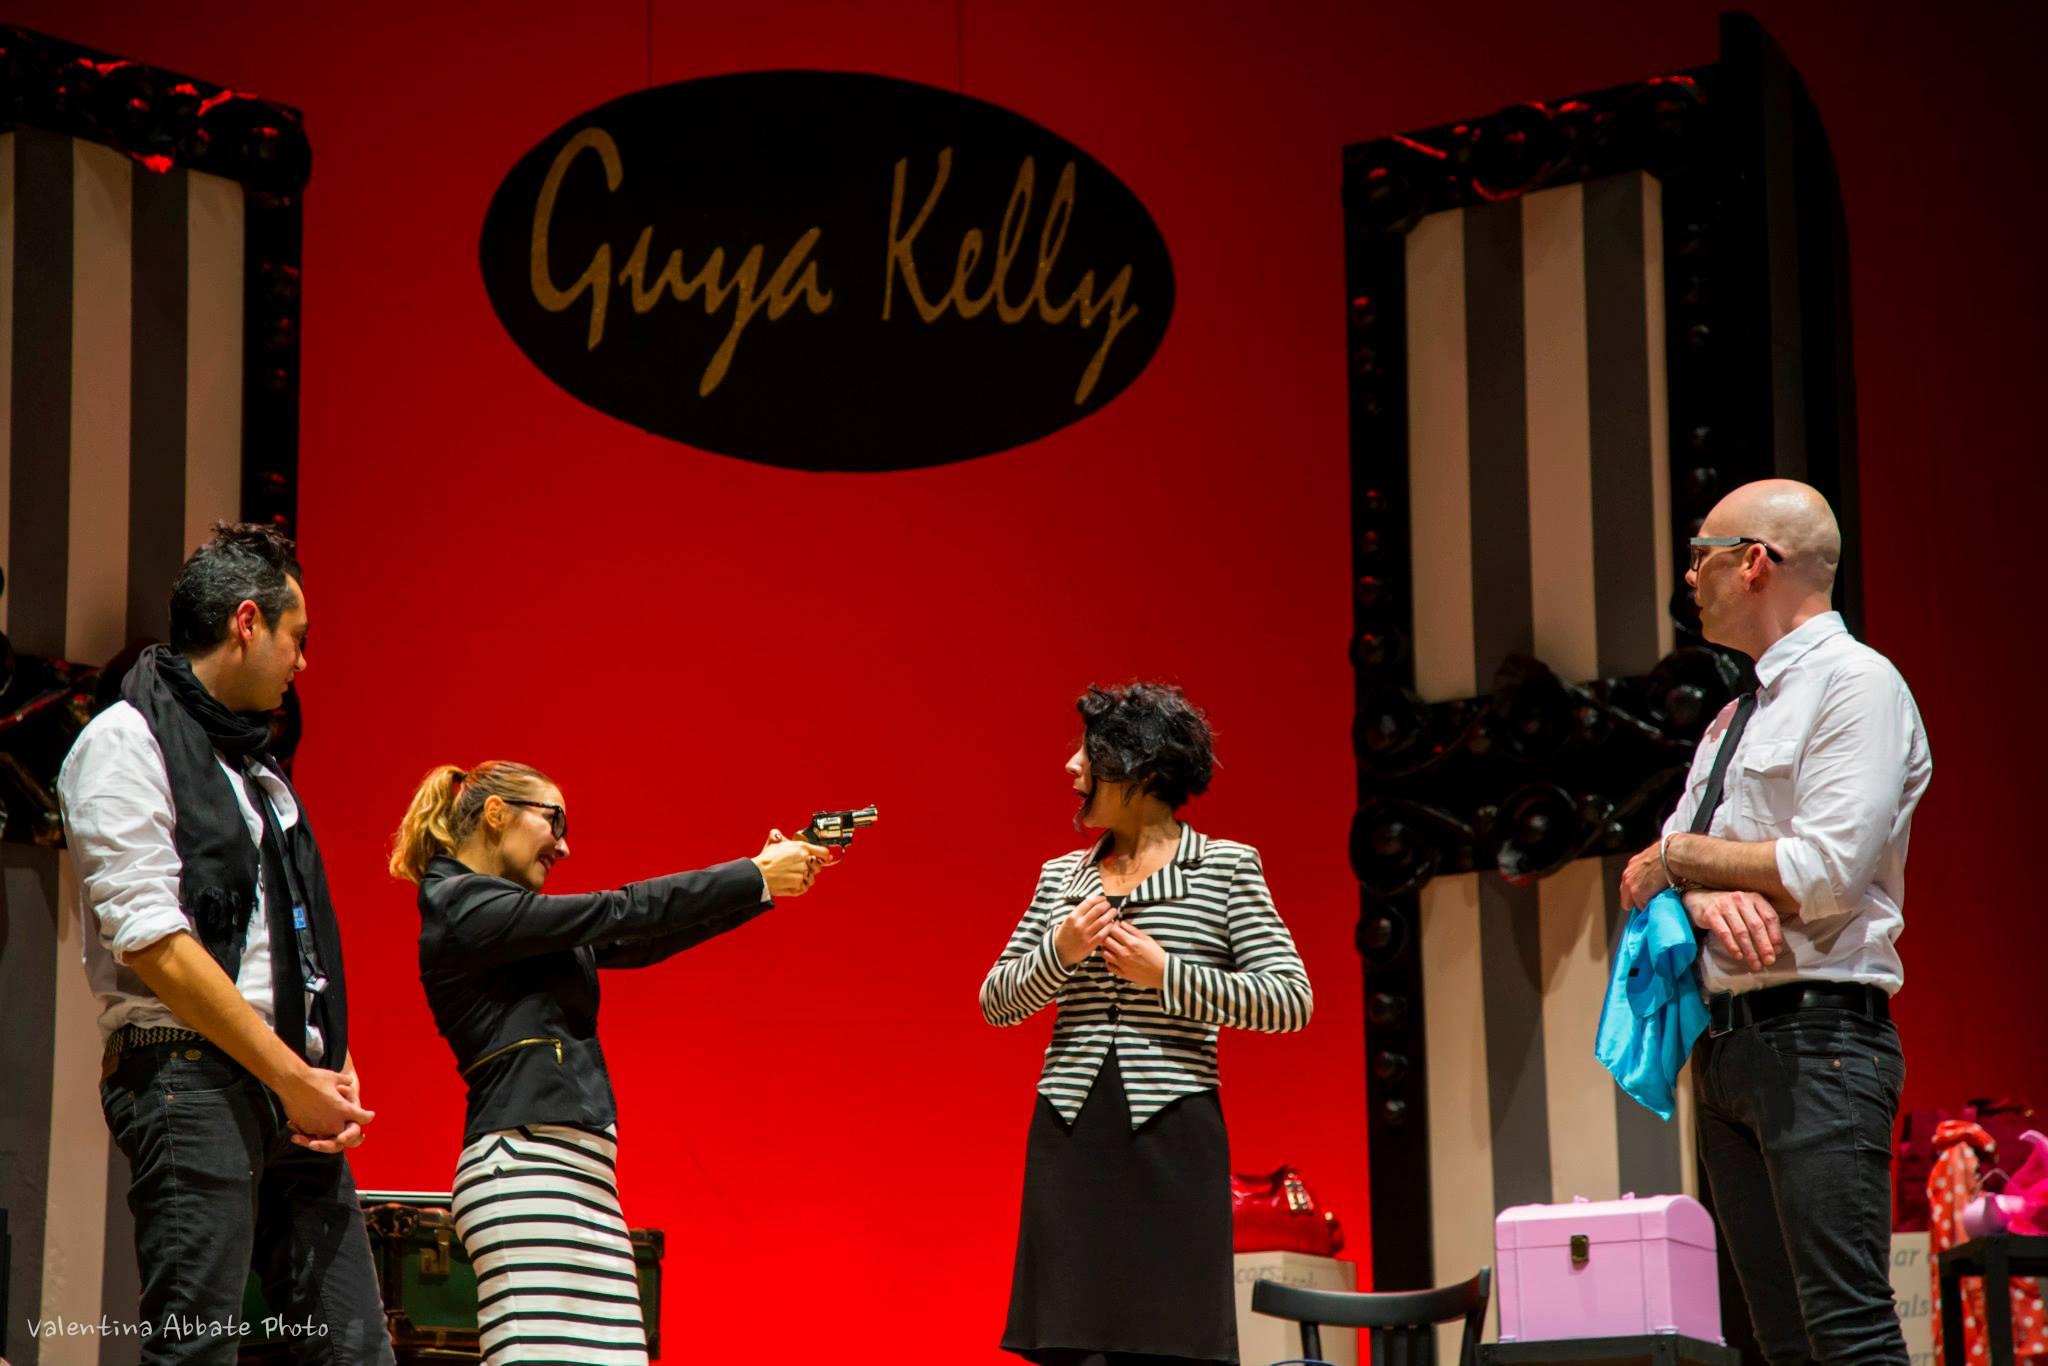 Keep Calm, dal 14 al 16 Novembre al Teatro Civico di Sassari